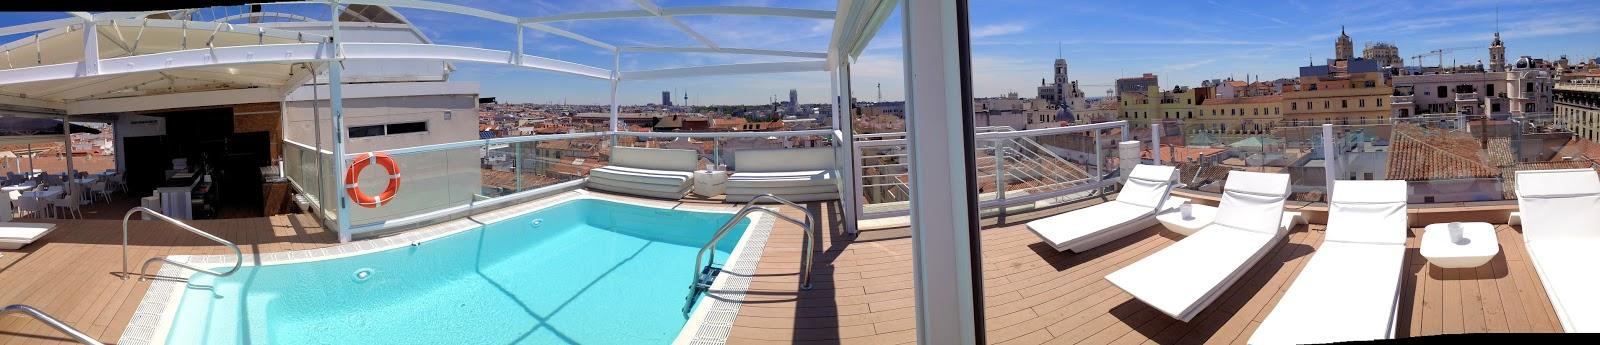 Otium terrazas madrid 2014 iii silencio y glamour en la for Room mate oscar piscina